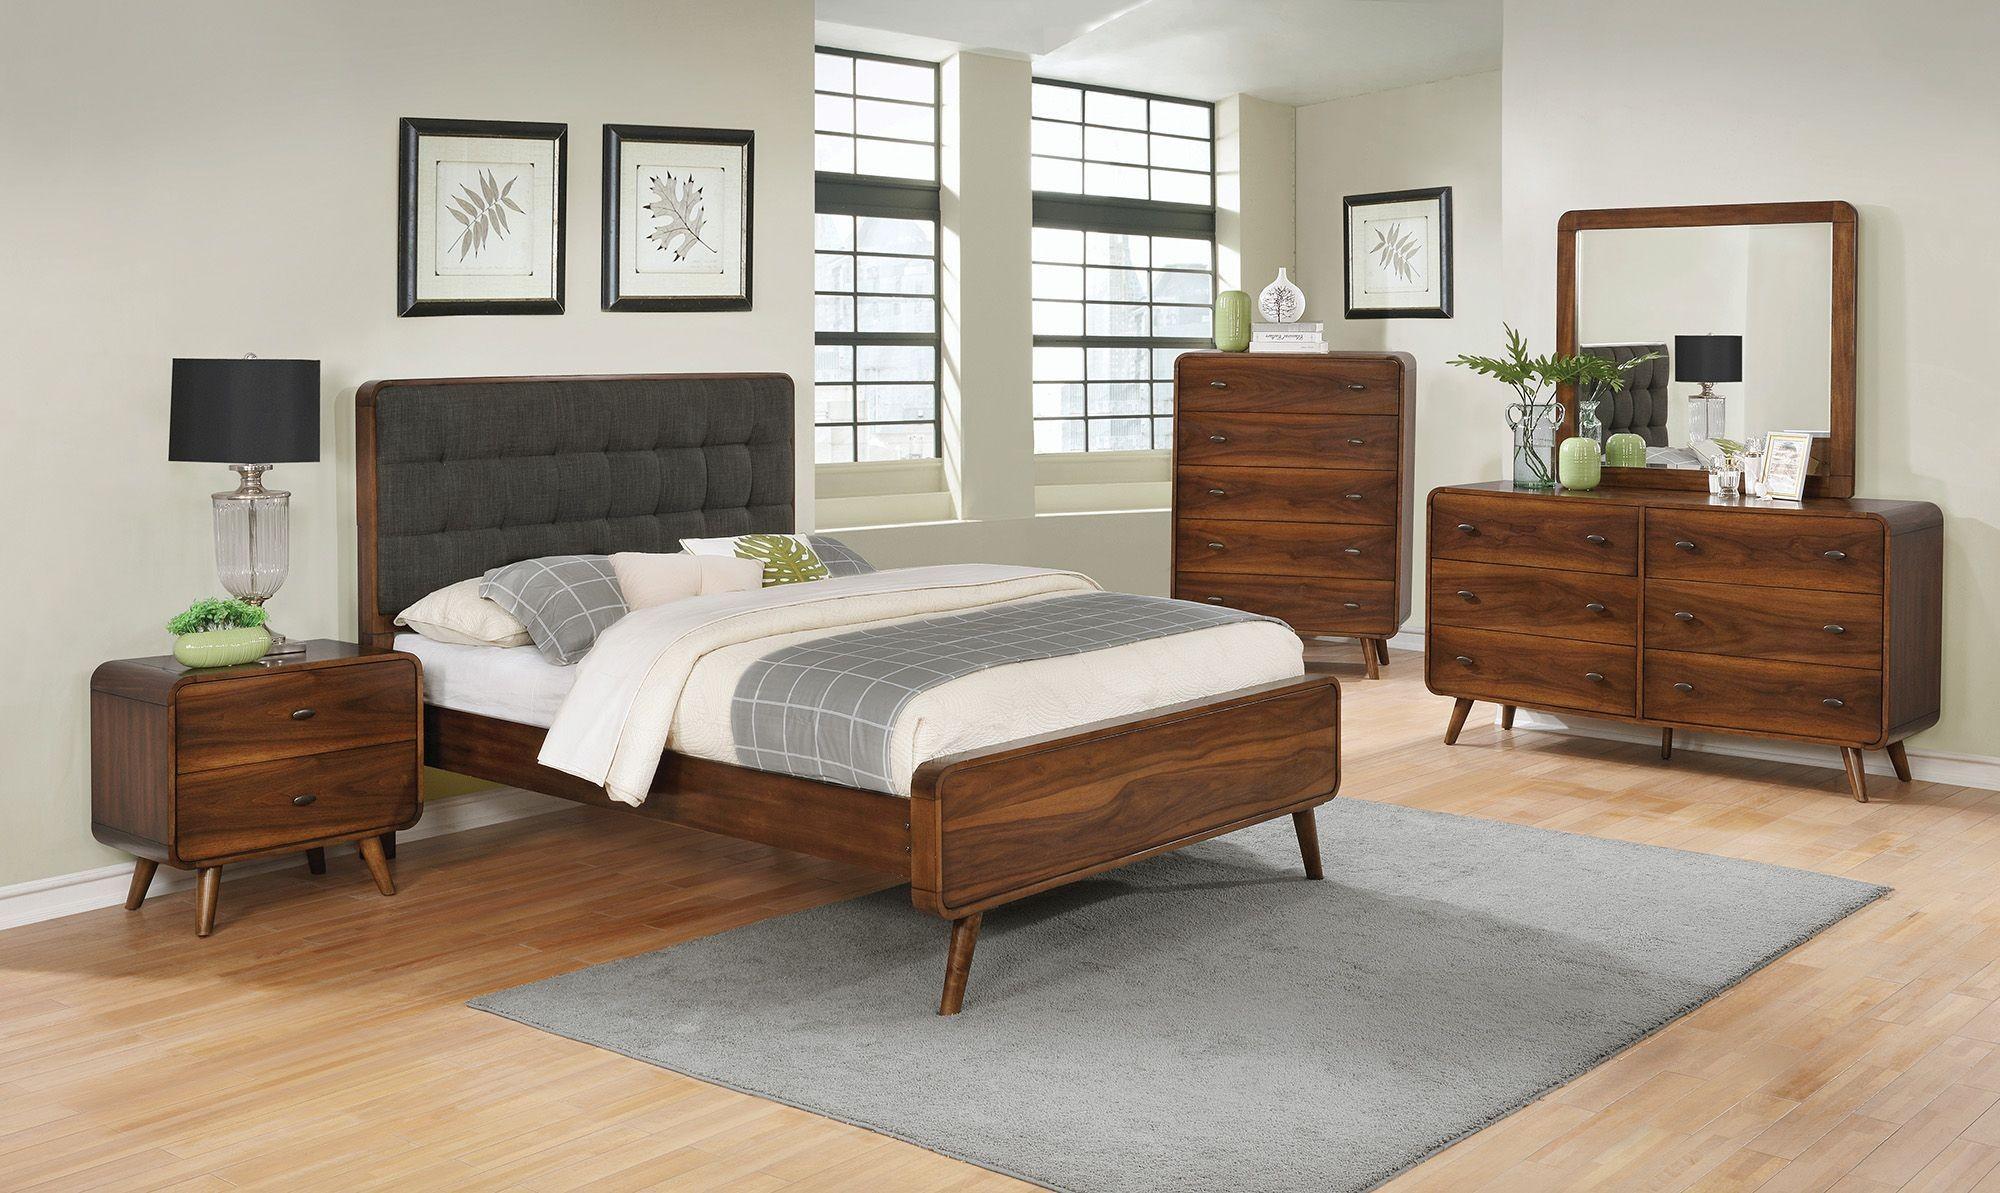 robyn dark walnut panel bedroom set from coaster coleman furniture. Black Bedroom Furniture Sets. Home Design Ideas